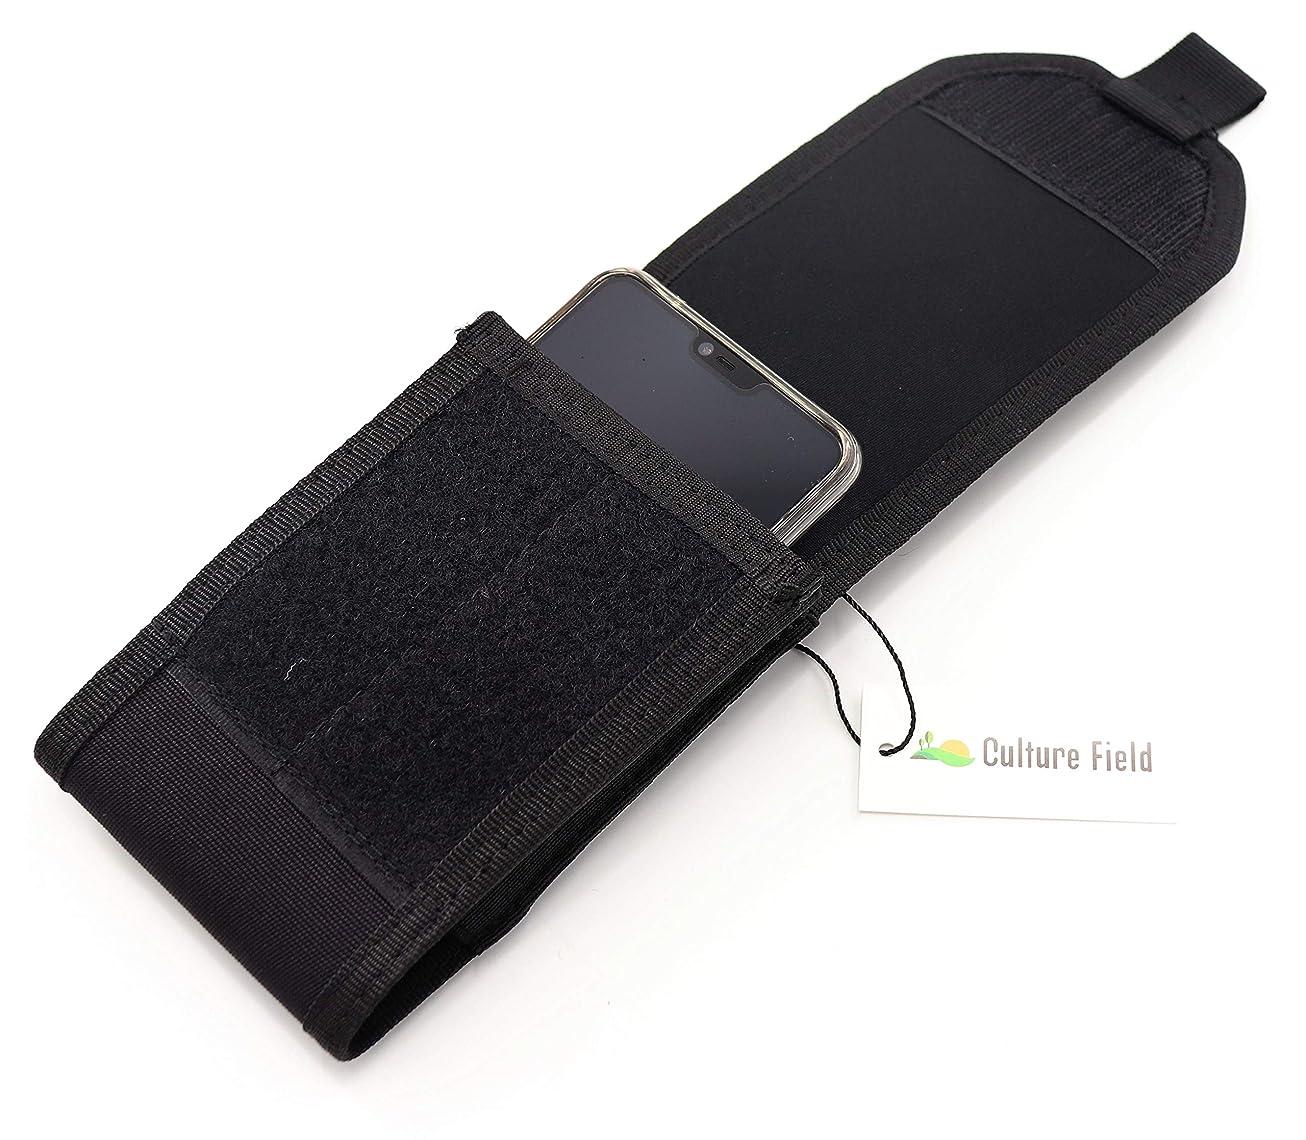 高度特異性暴力スマートフォンポーチ iPhone7 7Plus iphone6 6Plus iPhoneSE Culture Field xperia Galaxy などスマホ対応 マジックテープファスナー仕様 MOLLE サバゲー 着装可能ベルト固定式ポーチ スマホポーチ (ブラック)